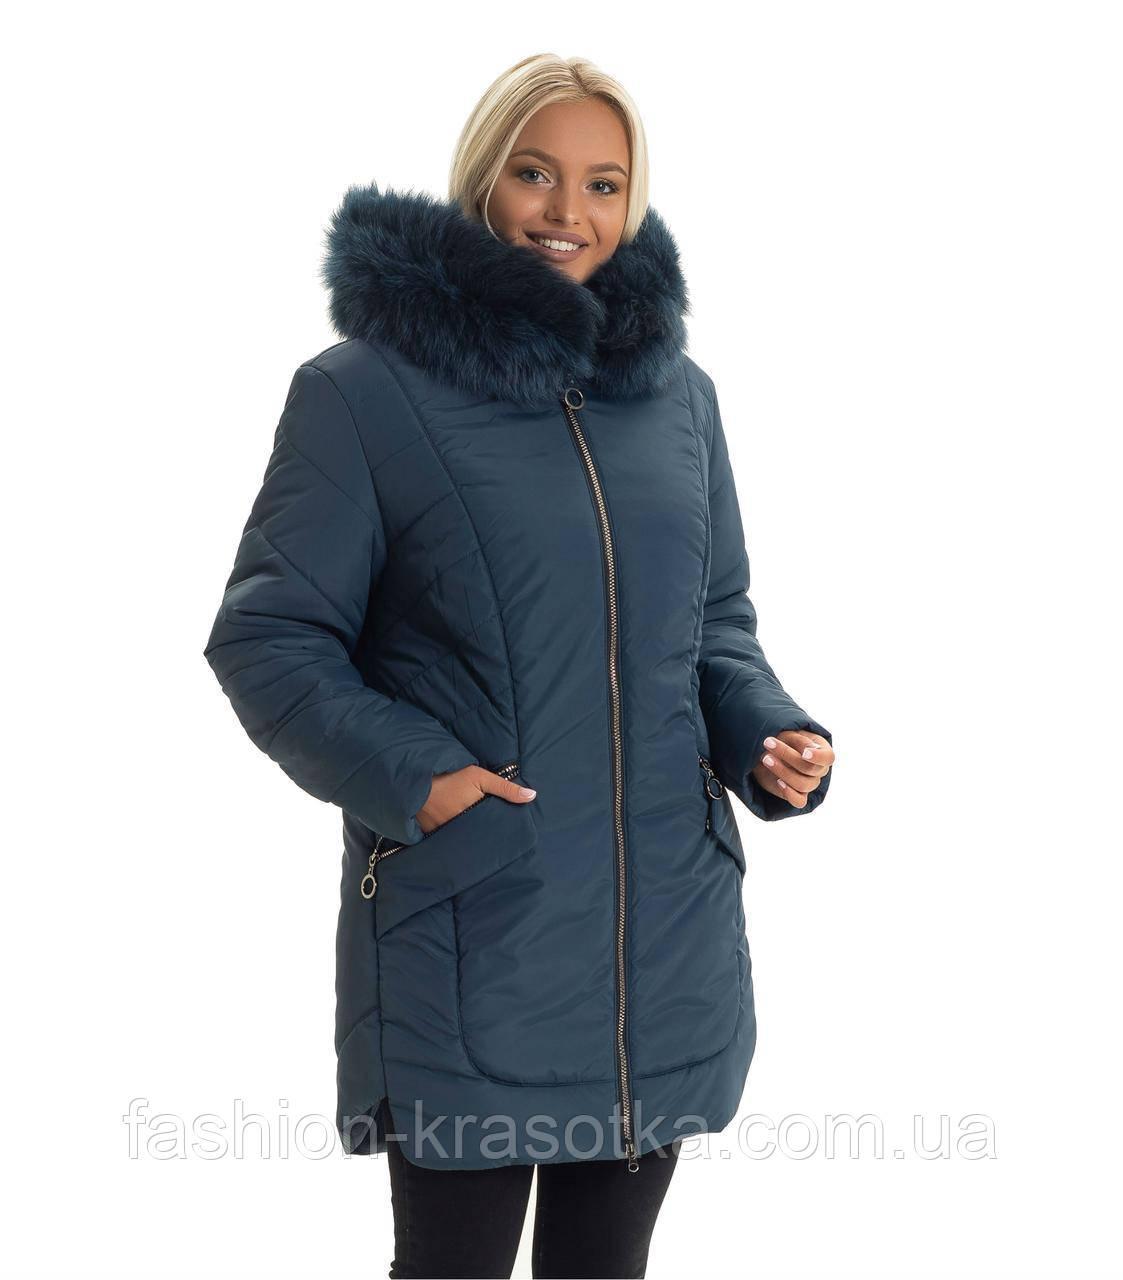 Женская зимняя куртка,мех песец хвостовая часть,размеры:50-62.